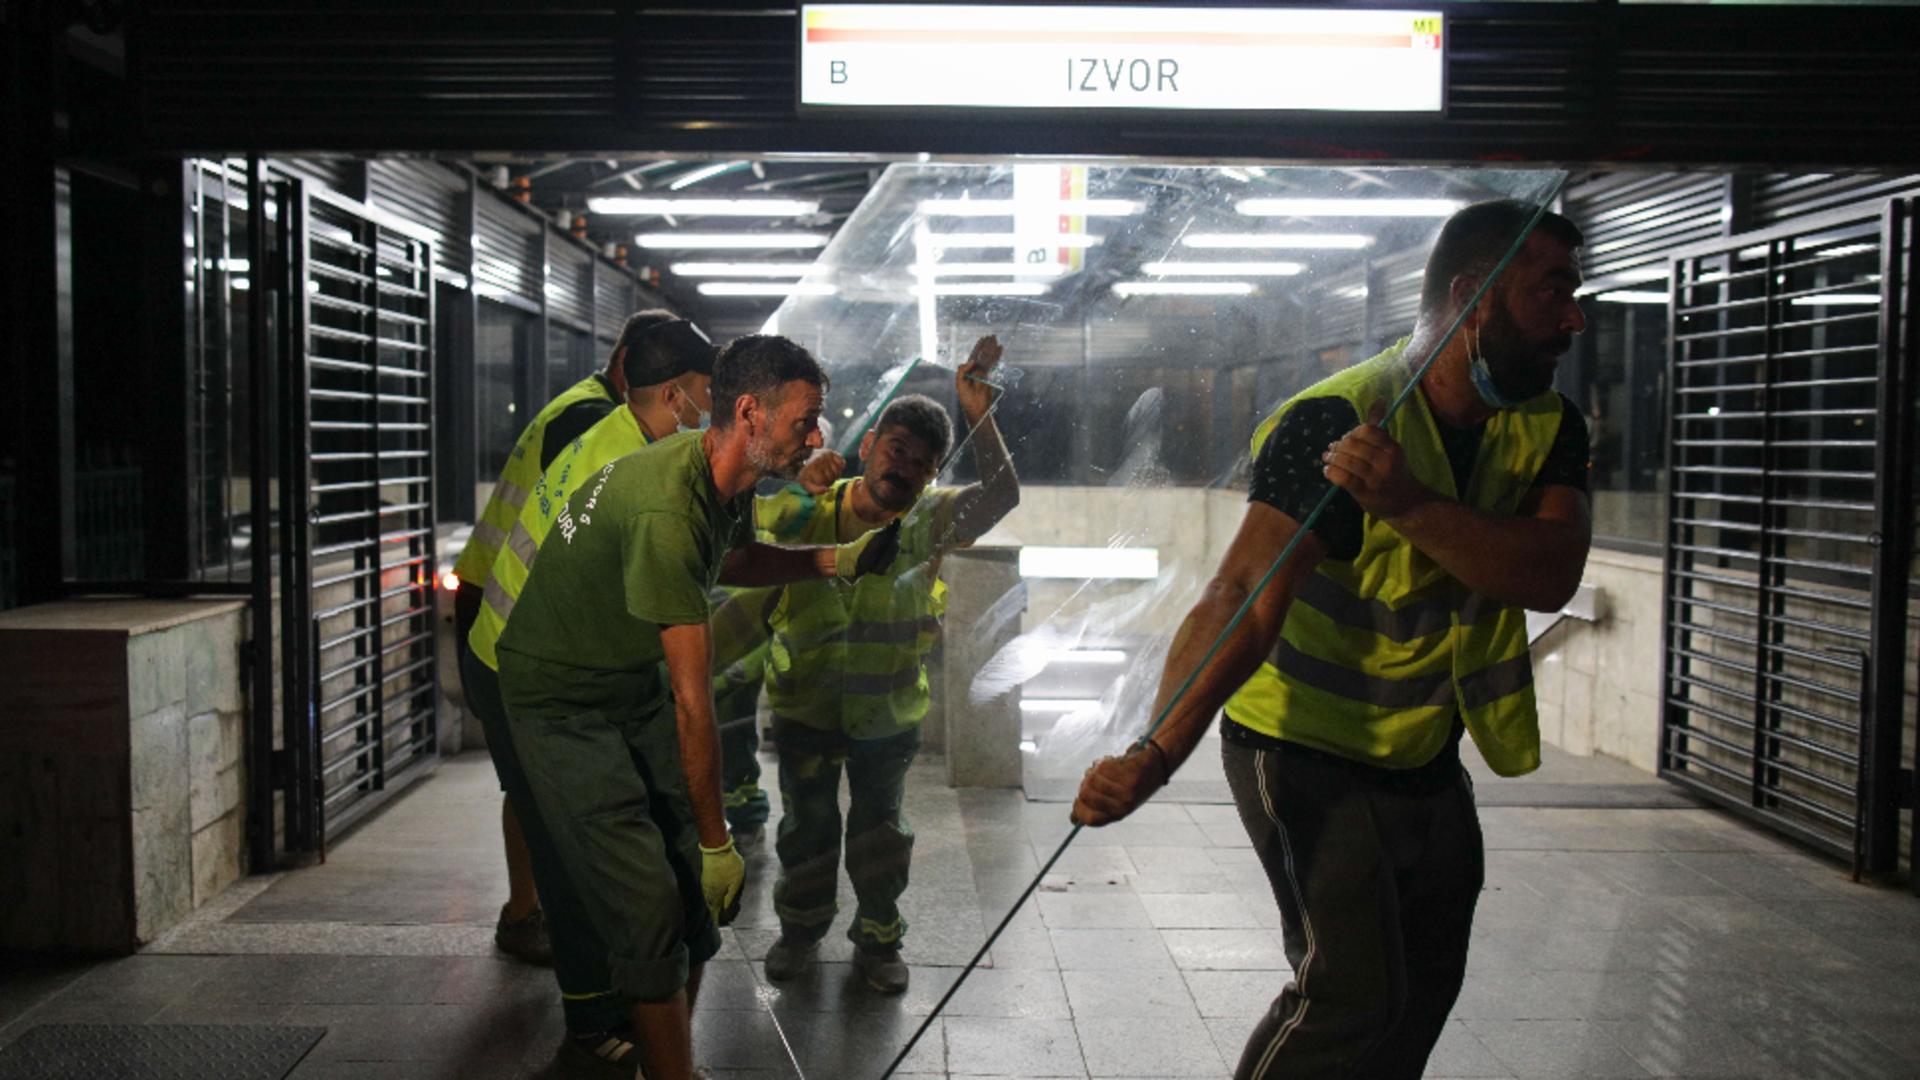 A început demolarea chioșcurilor la stația de metrou Izvor / Foto: Inquam Photos